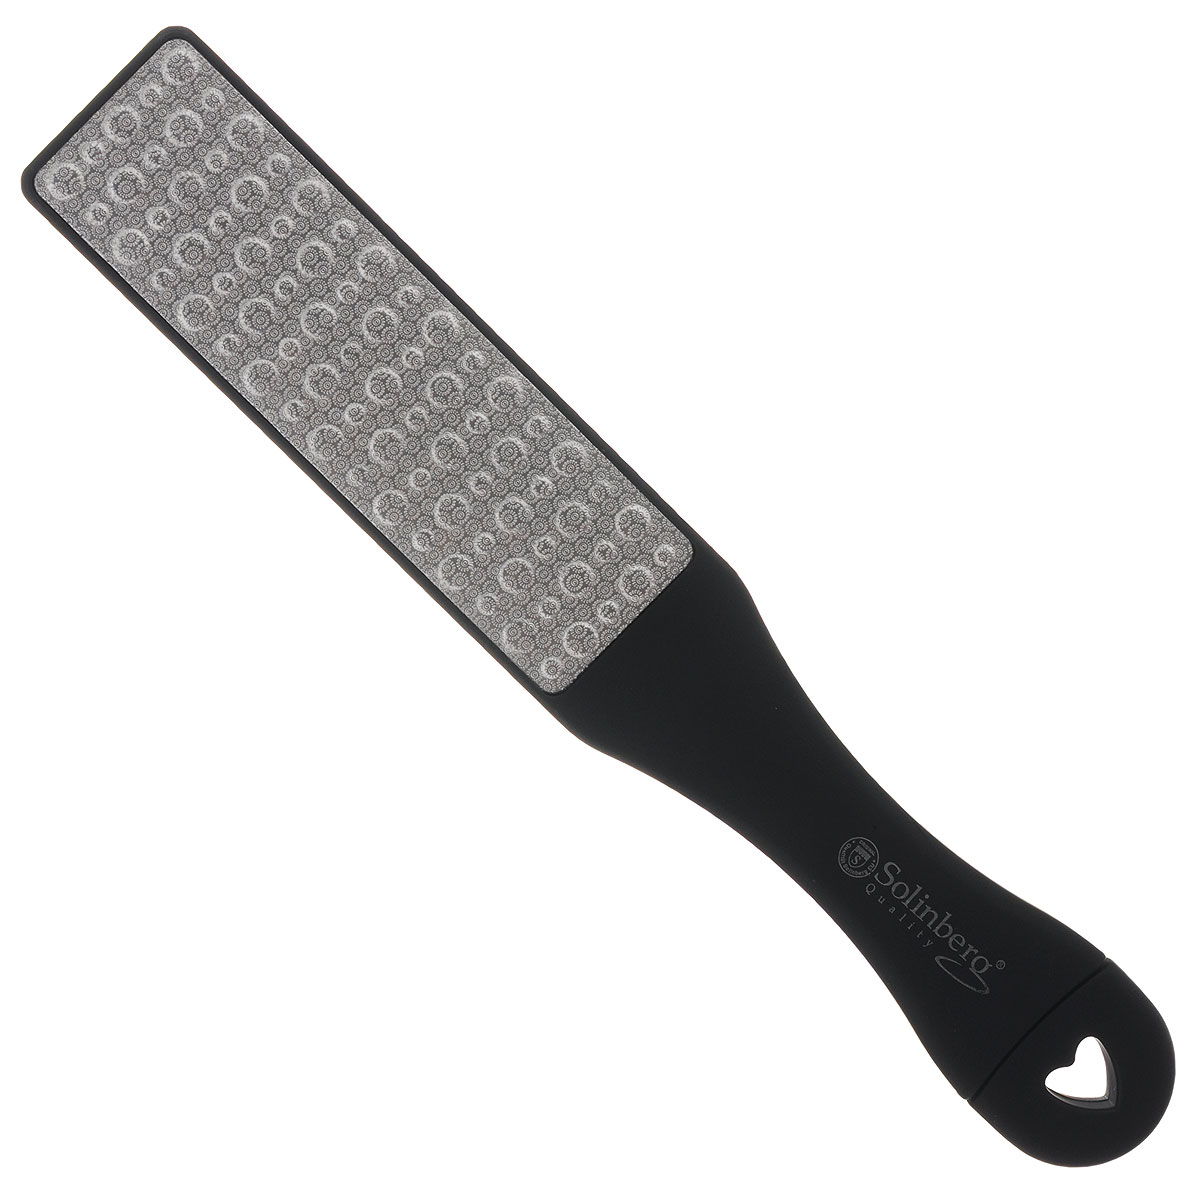 Solinberg Терка для обработки мозолей и огрубевшей кожи ног GD-4800, двусторонняя261-4800Двусторонняя терка для ног Solinberg с лазерной перфорацией, с удобной пластиковой ручкой предназначена для сухого педикюра. Одна сторона - терка (с массажным эффектом), другая сторона - шлифовка. Специальные покрытия разной абразивности обеспечат бережный уход за вашими ногами. Способ применения: распарьте ступни ног и равномерными движениями удалите загрубевшую кожу. Пилочкой в ручке терки, при необходимости, обработайте ногти. После процедуры смажьте ступни смягчающим кремом.Товар сертифицирован.